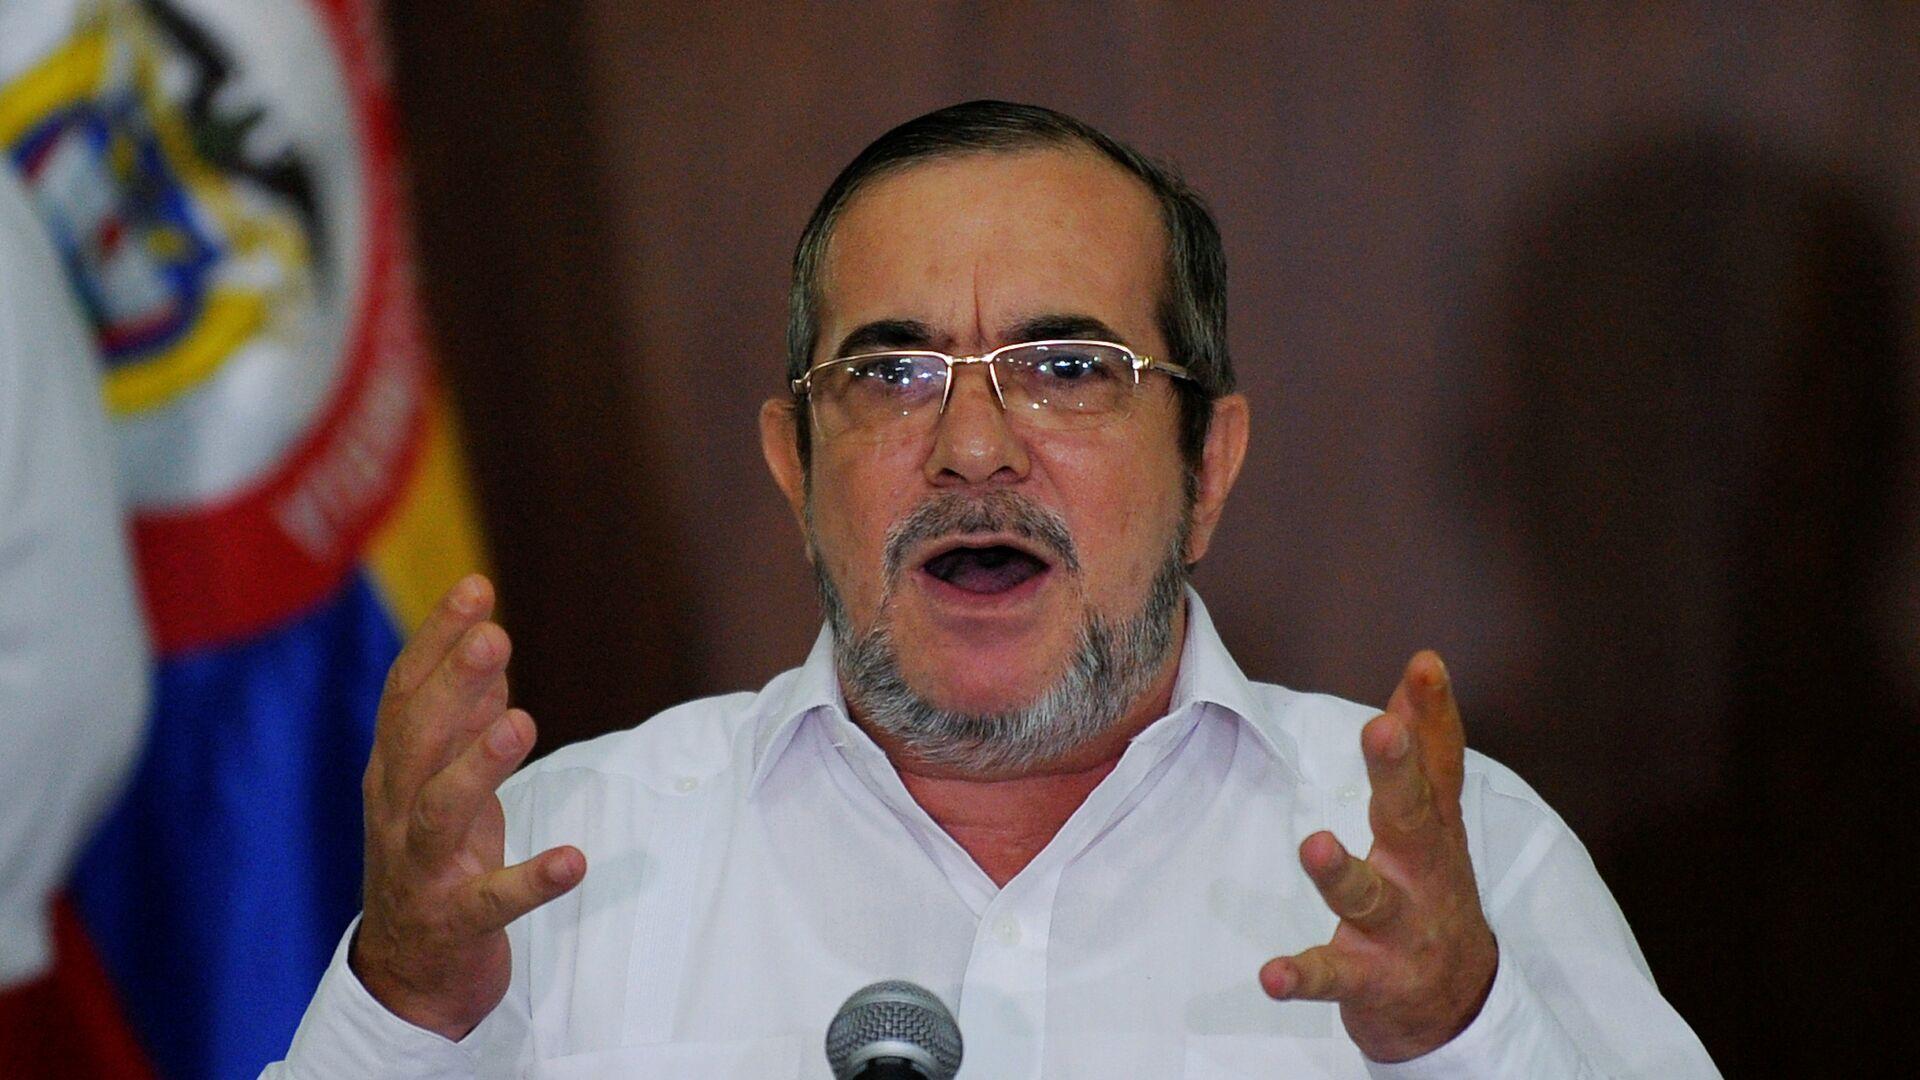 Rodrigo Londoño, alias 'Timochenko', el líder del partido colombiano FARC  - Sputnik Mundo, 1920, 24.02.2021